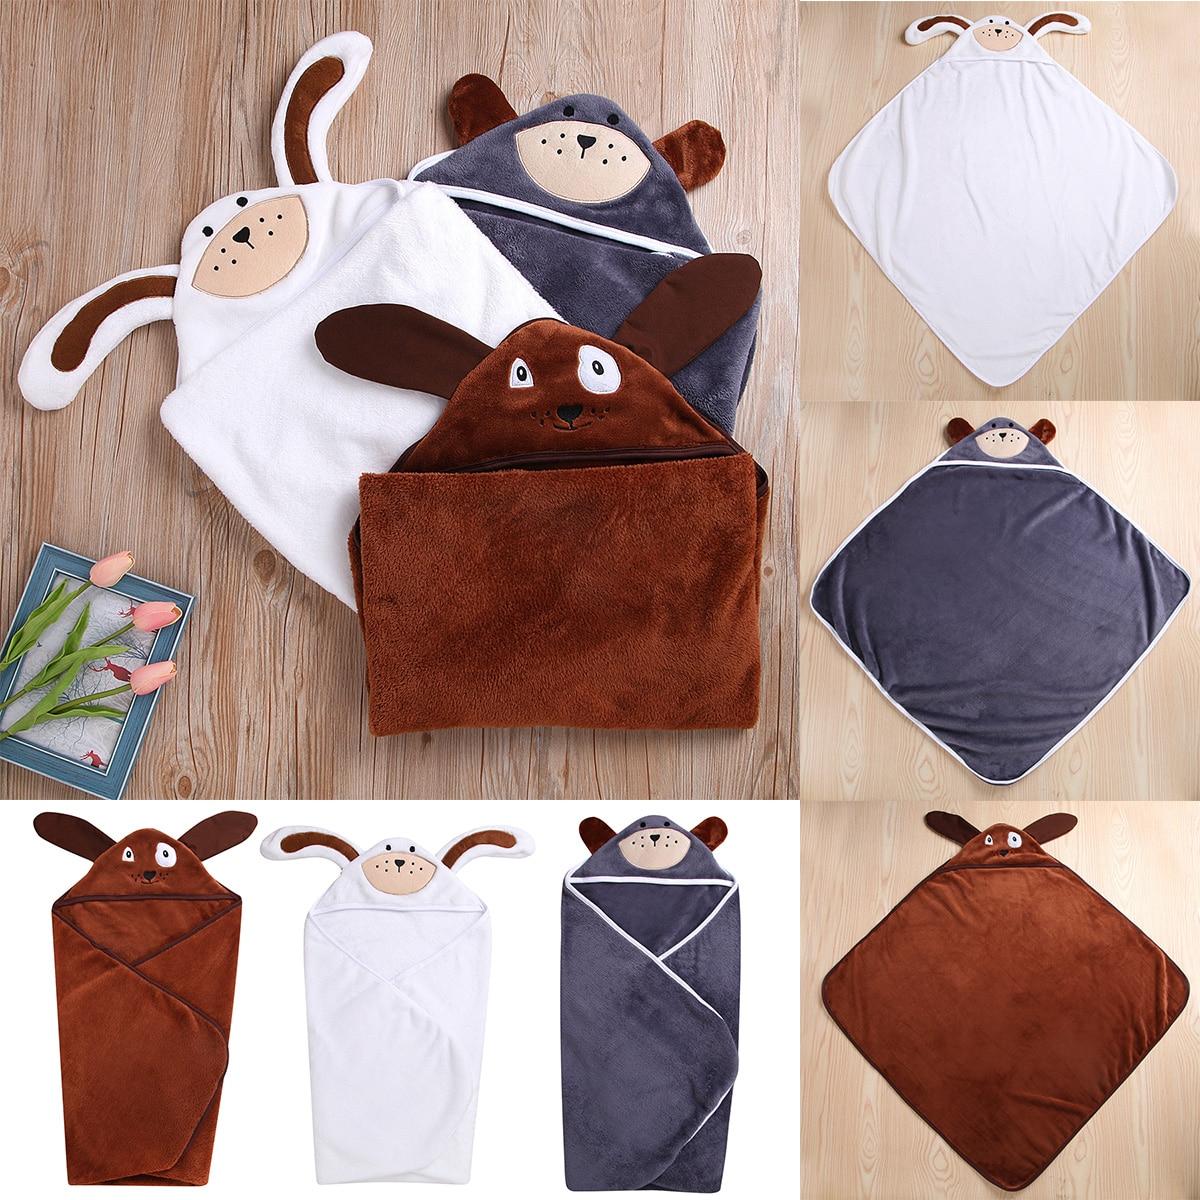 Половина цены, халат для маленьких мальчиков и девочек, г., детский халат, мягкий фланелевый Халат, пижамы Коралловая теплая одежда для маленьких детей от 0 до 18 месяцев - Цвет: White